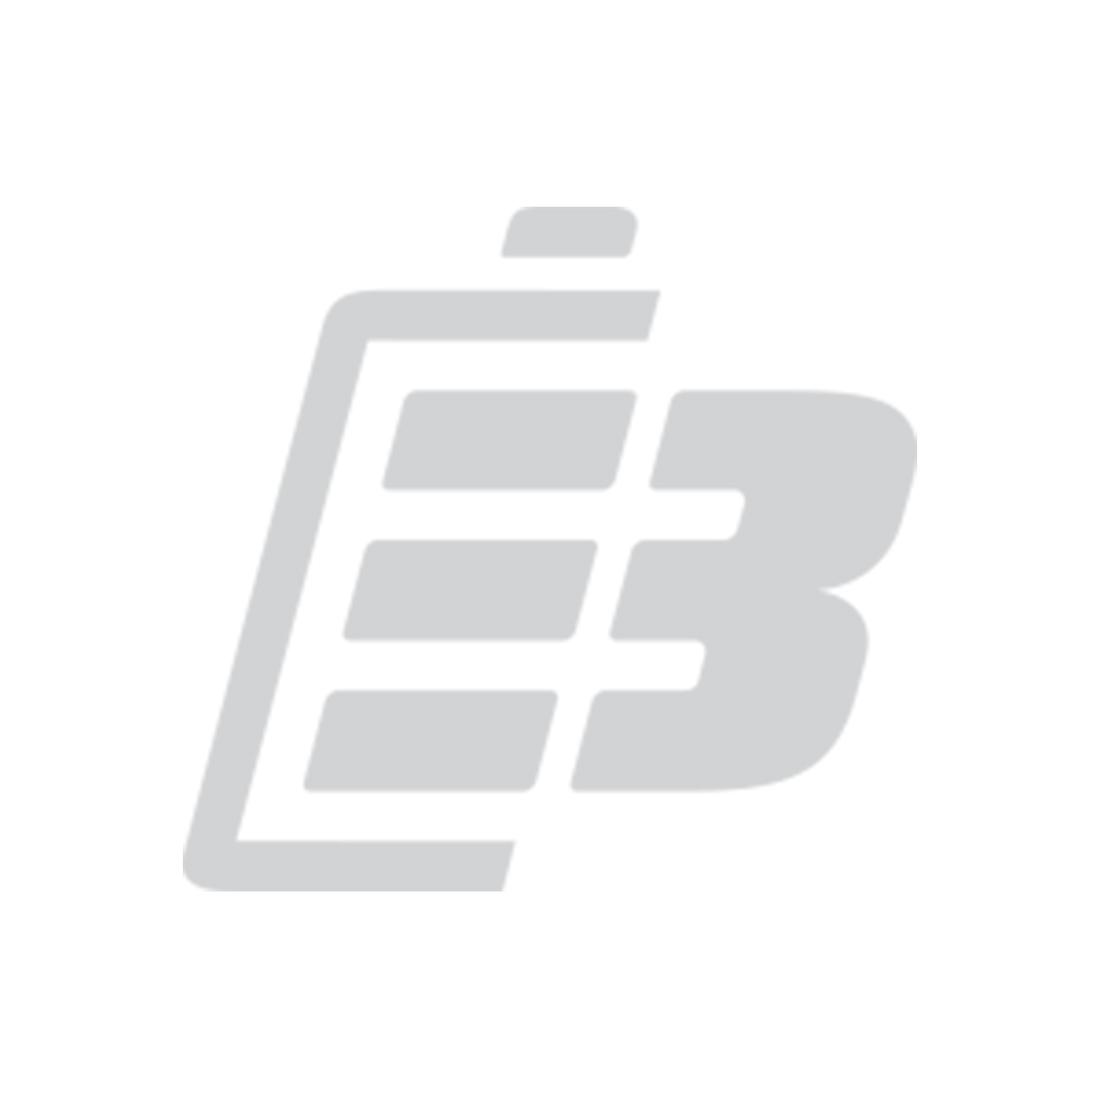 Μπαταρία φωτογραφικής μηχανής Casio NP-120_1